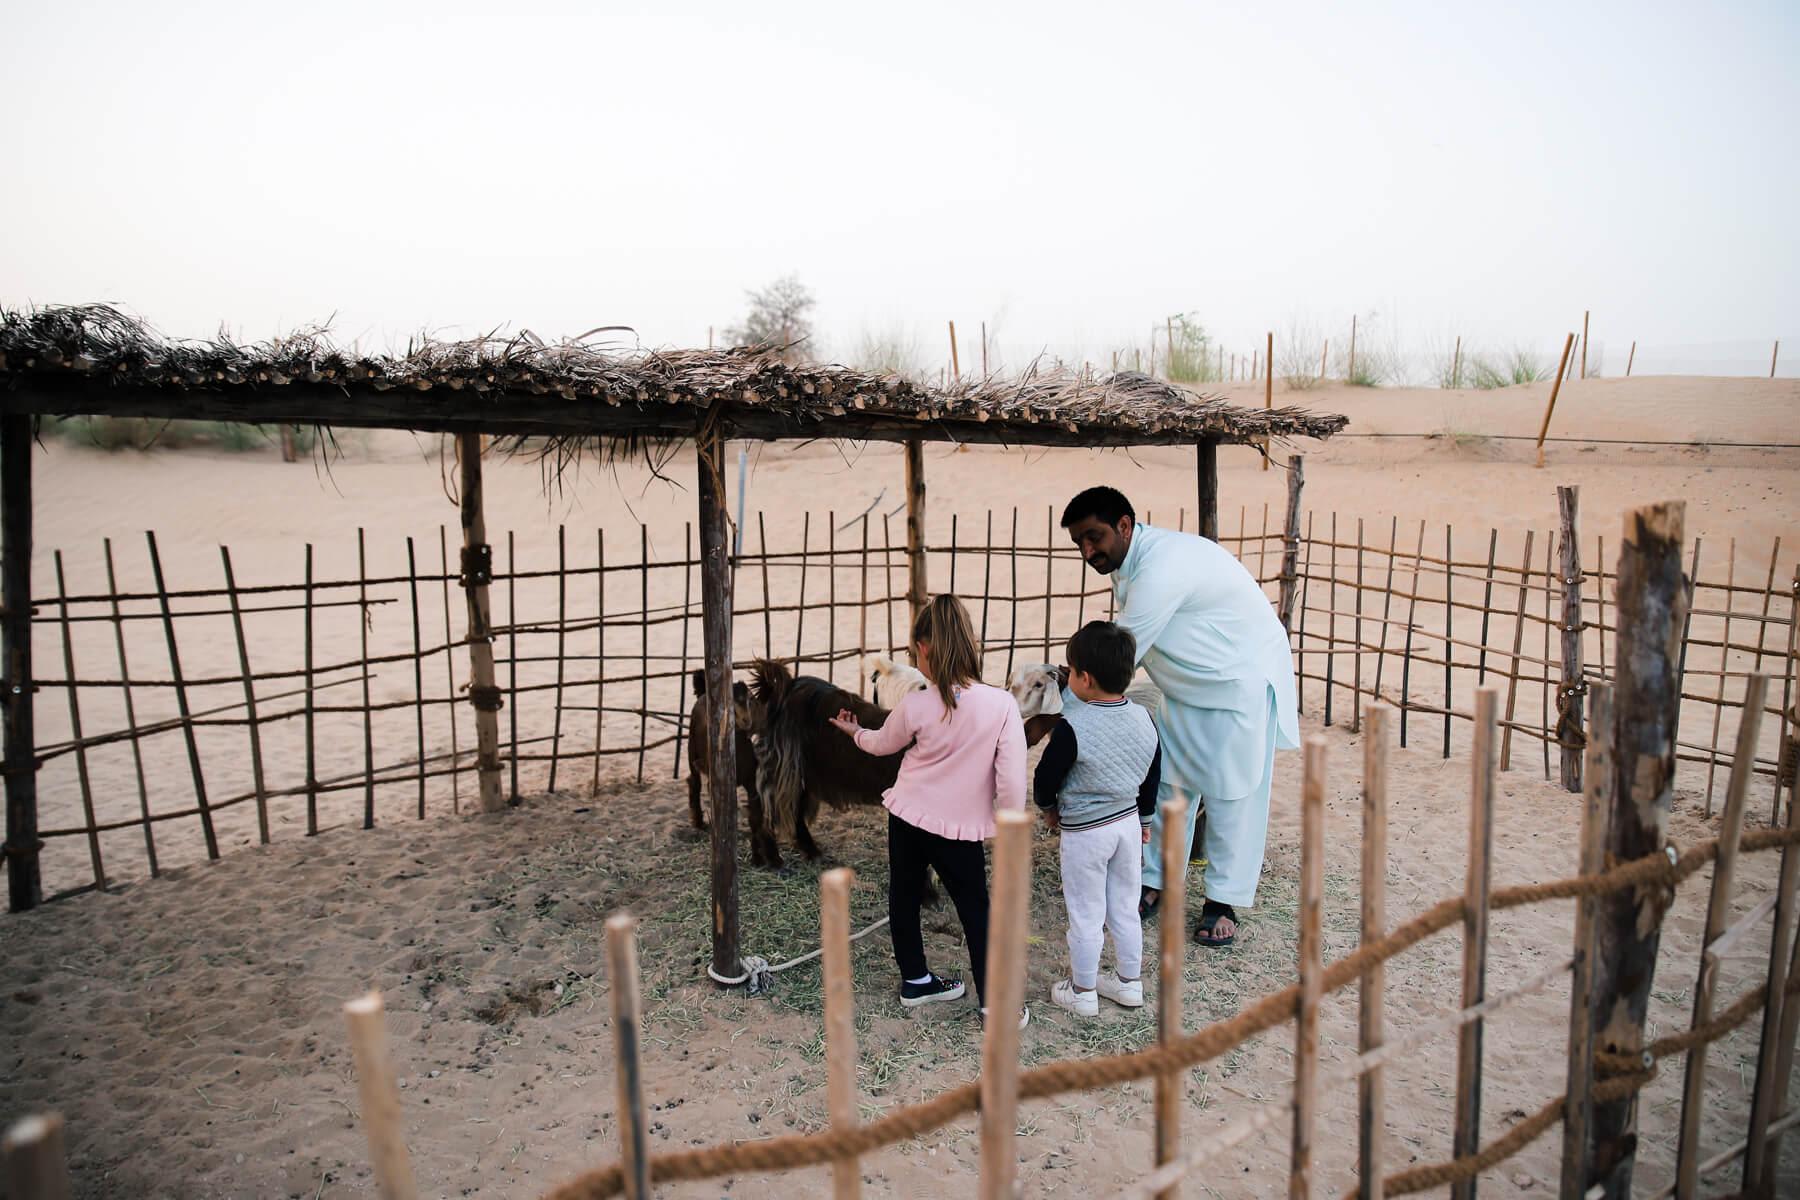 Al Marmoom Bedouin Experience Tickets